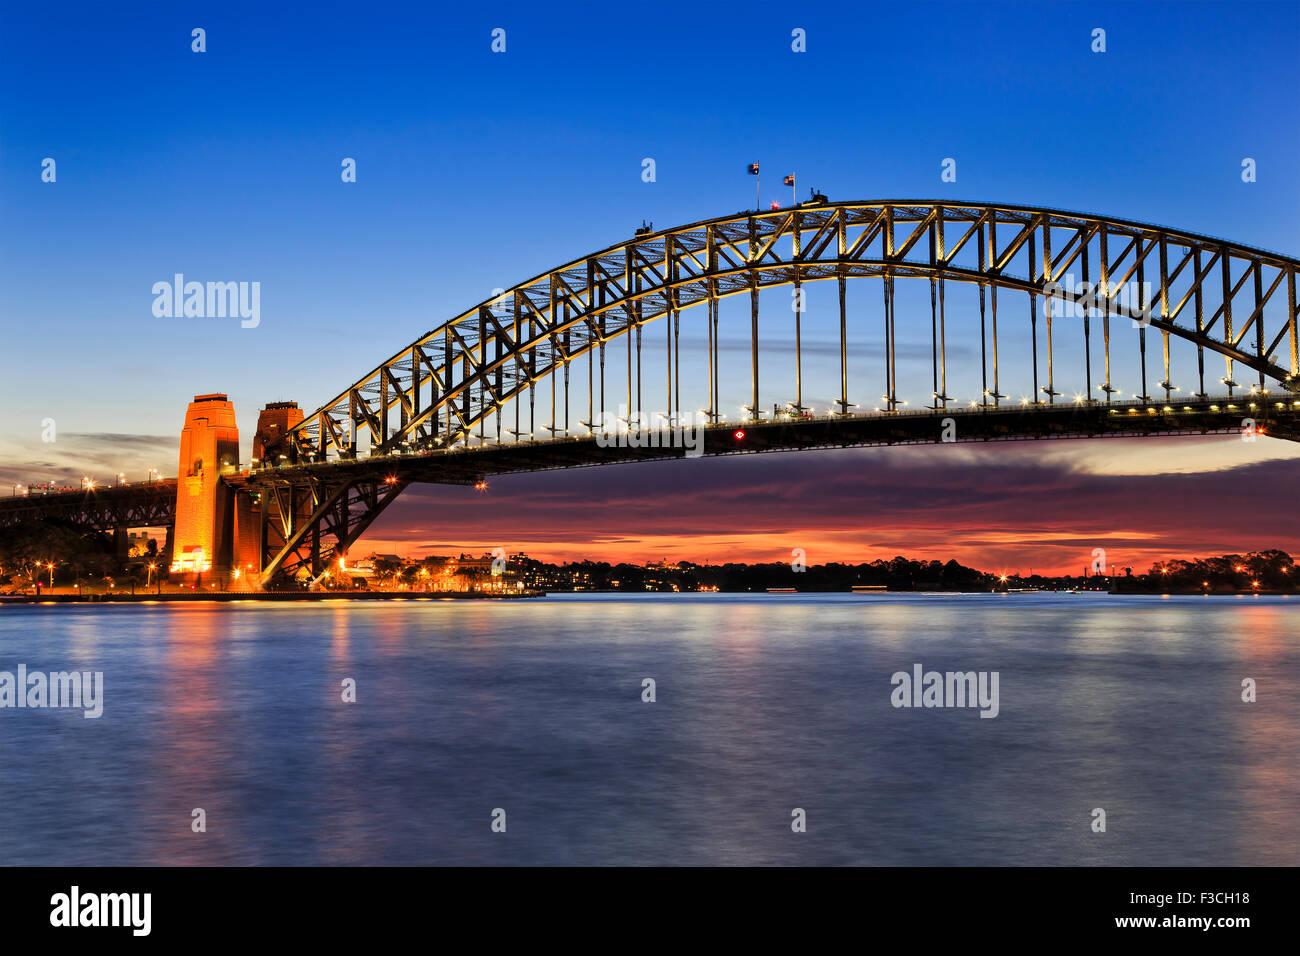 Vista laterale del Ponte del Porto di Sydney a sunrise con scarlett sun luce ed illuminazione di arco ancora Immagini Stock